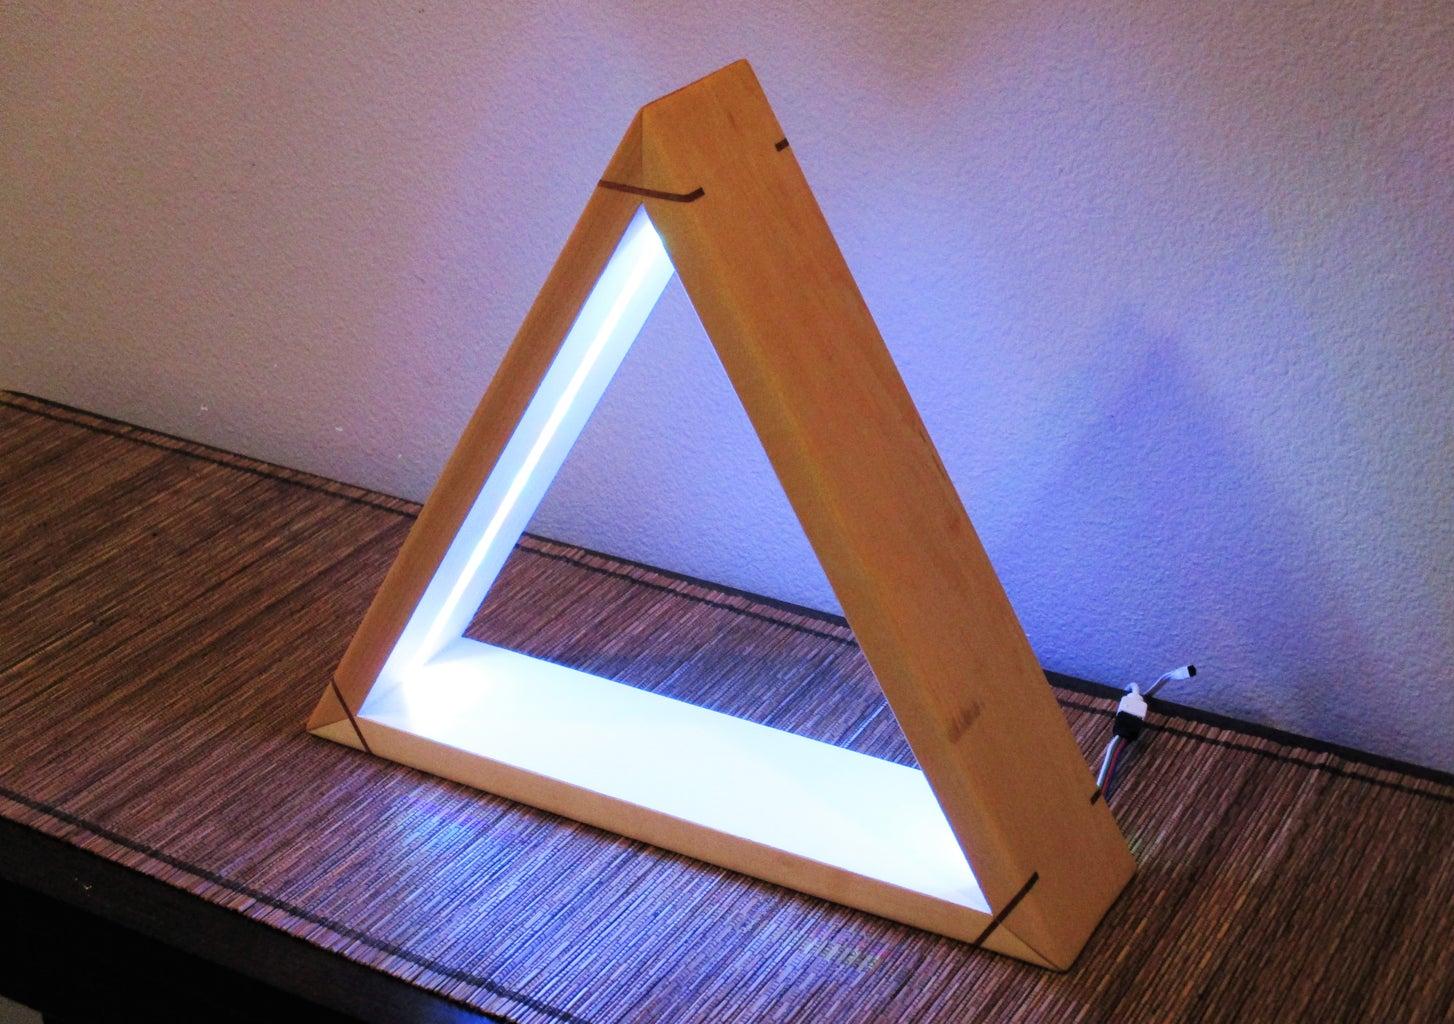 DIY LED Light - Modern Desktop Mood Lamp With Remote